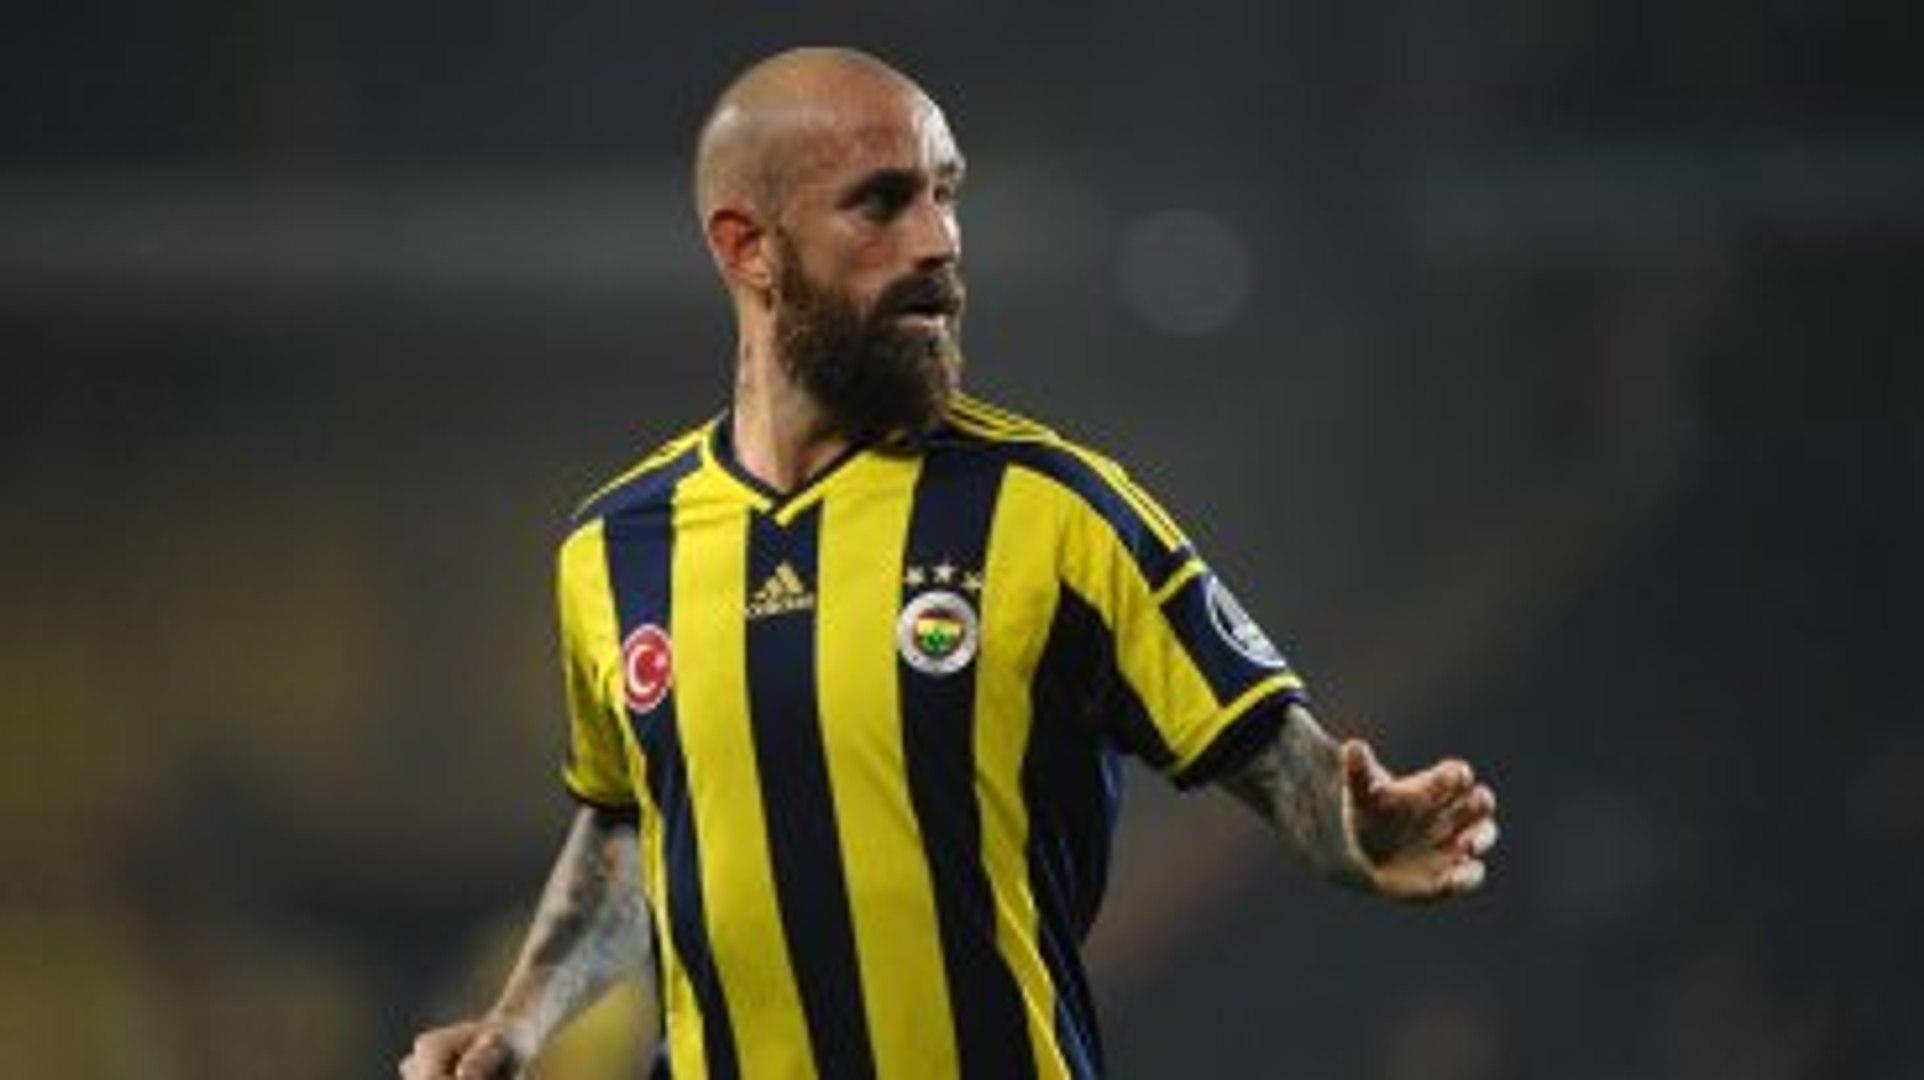 Fenerbahçe'den Ayrılan Raul Meireles Boşta Kaldı